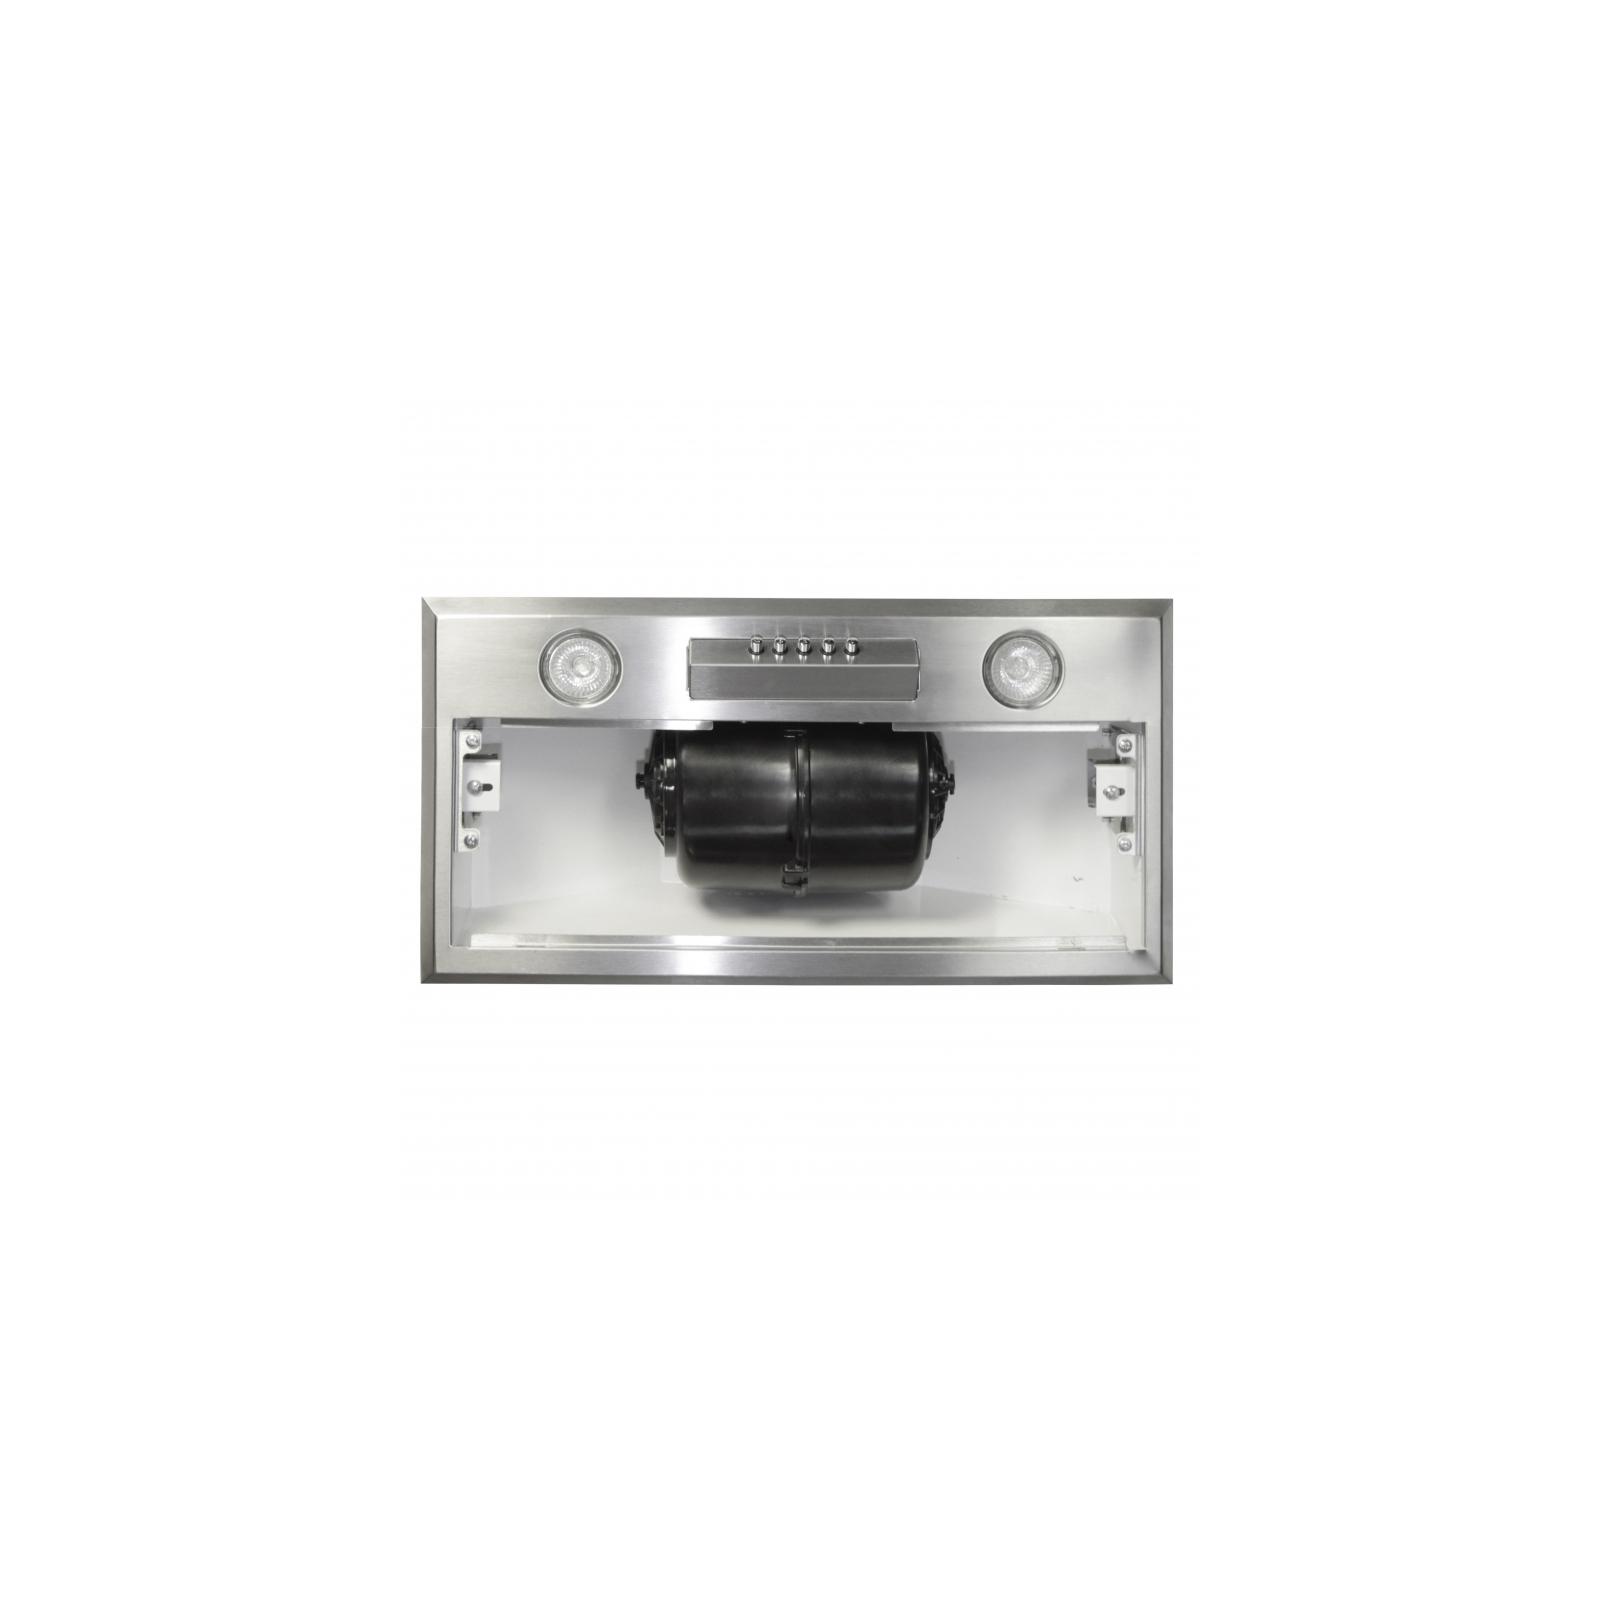 Вытяжка кухонная Eleyus Modul 700 52 IS изображение 5